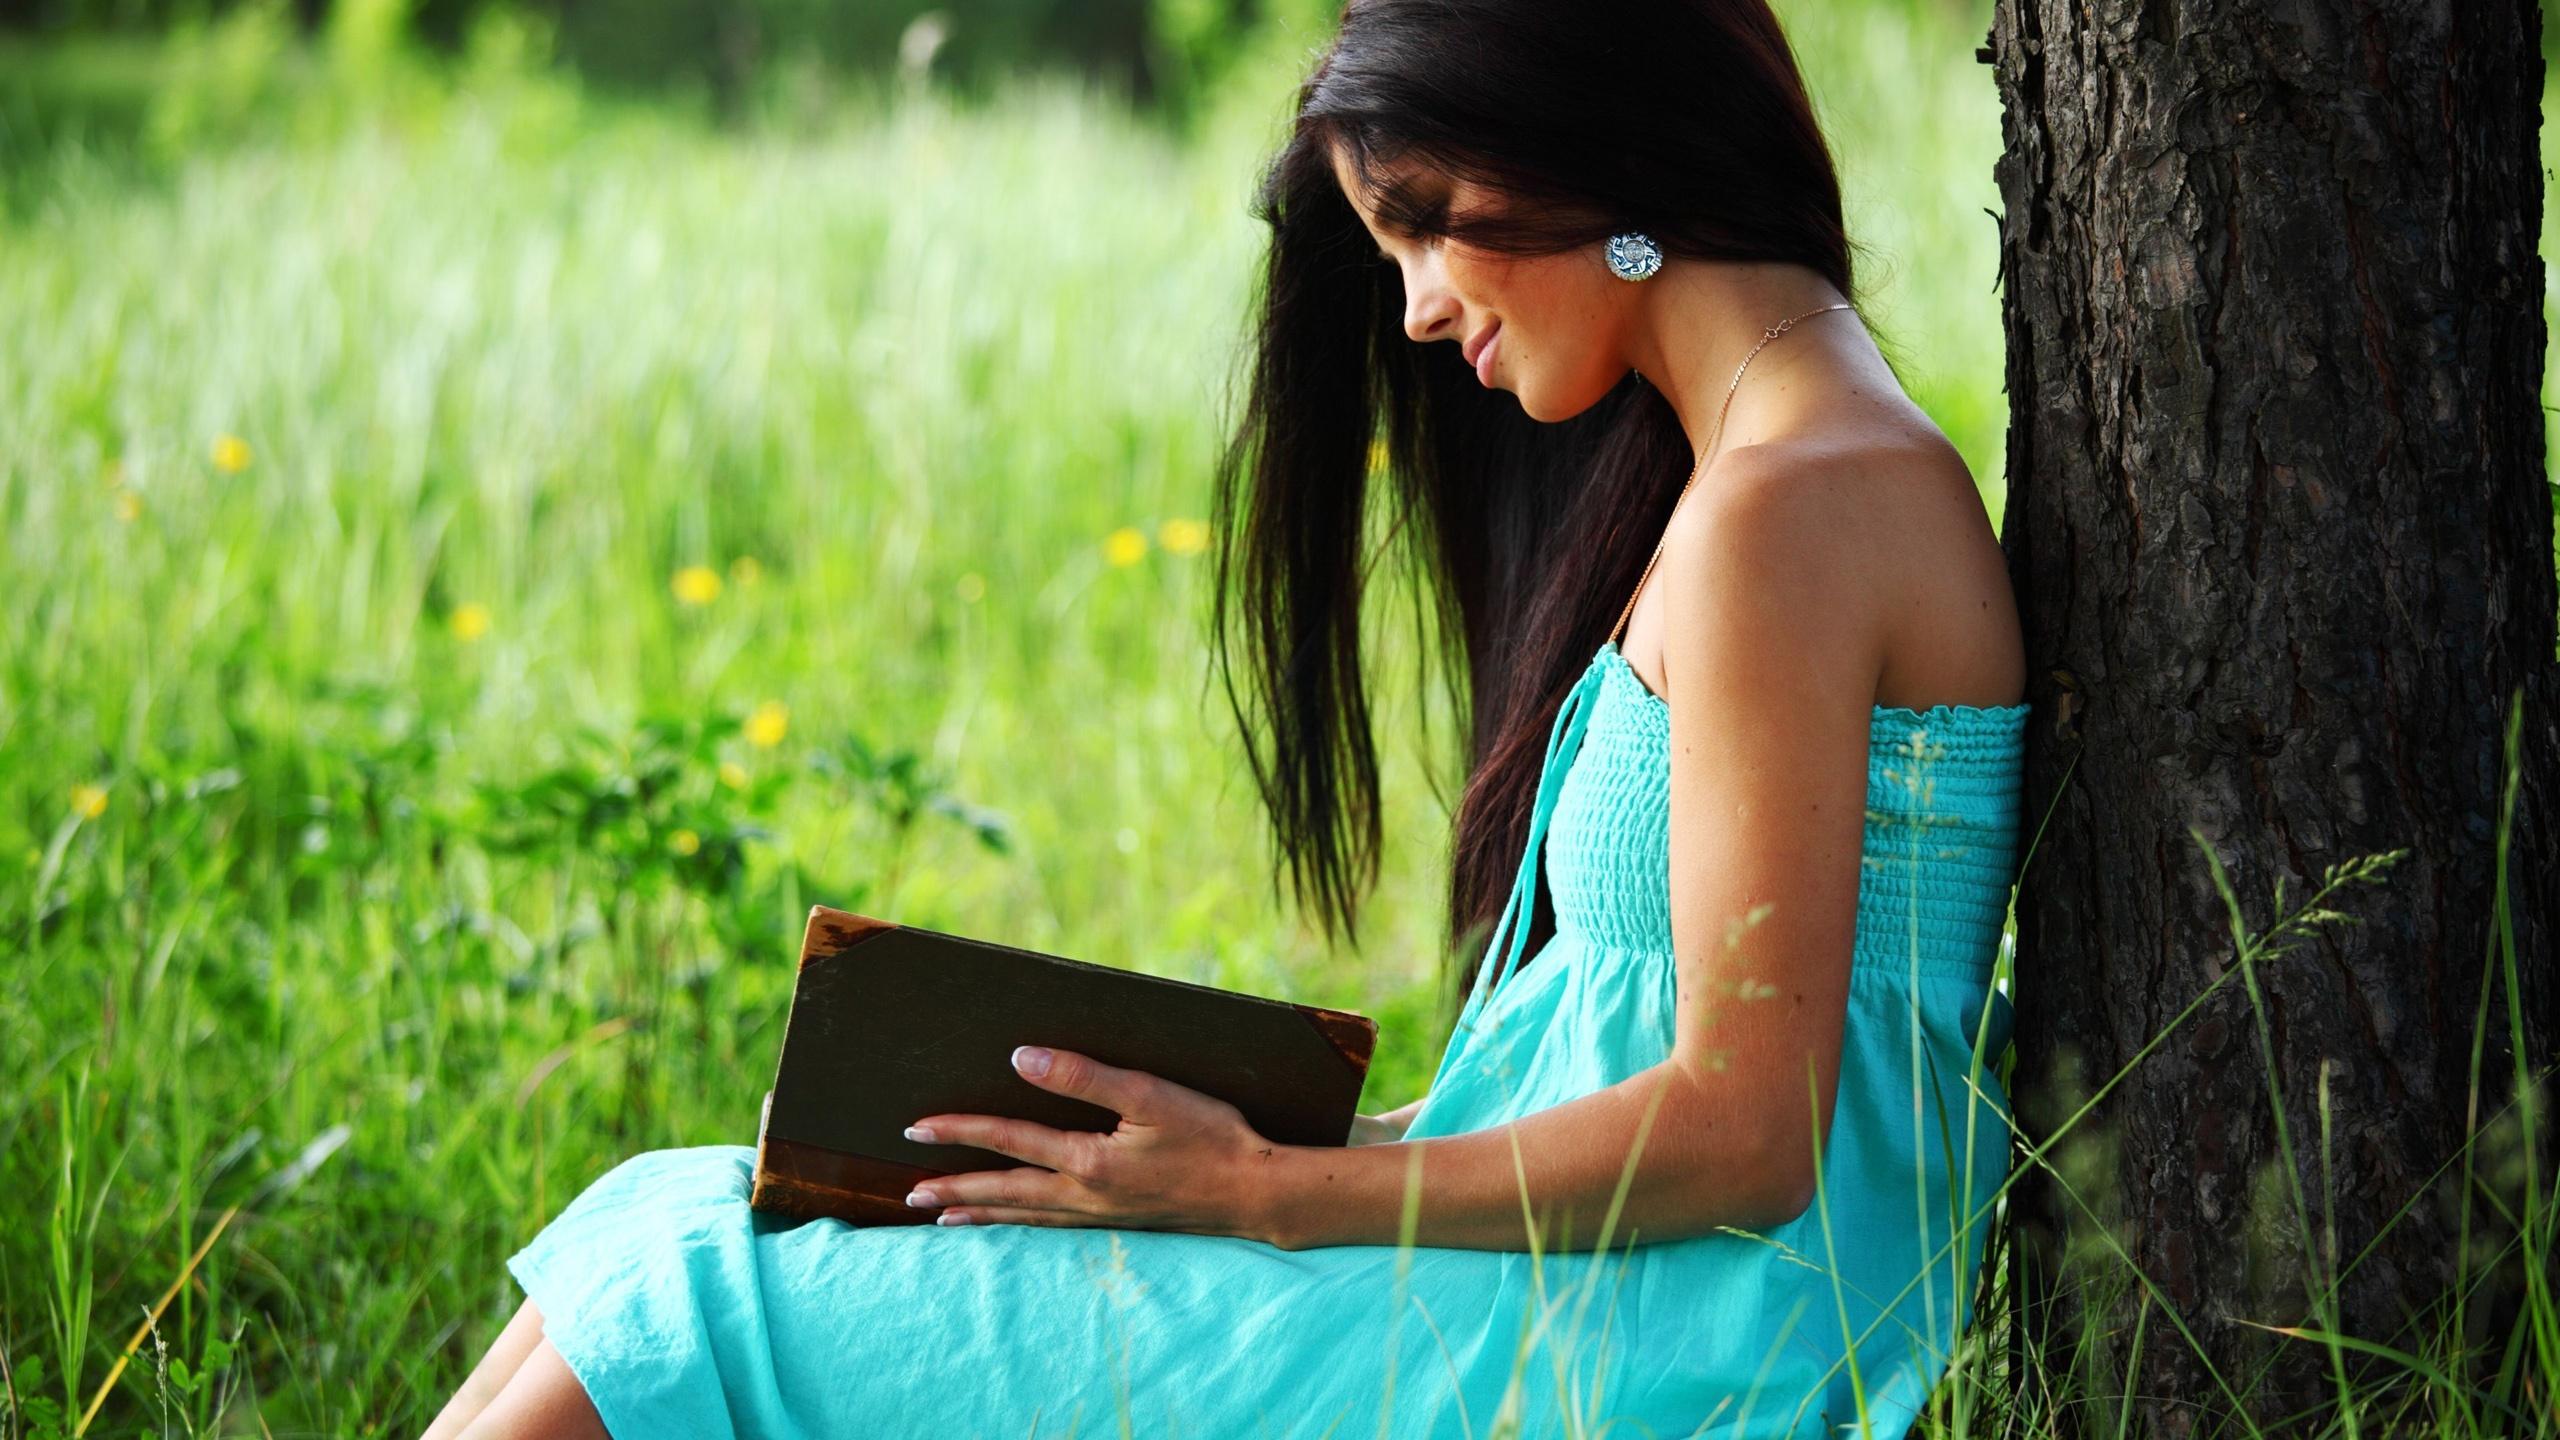 Девочка Фото На Аву